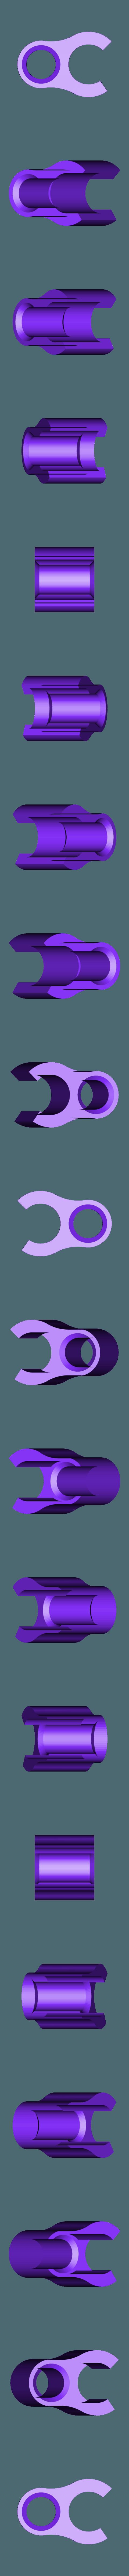 filamentclip2.stl Télécharger fichier STL gratuit m3d clip de guidage du filament • Design pour impression 3D, Lurgmog